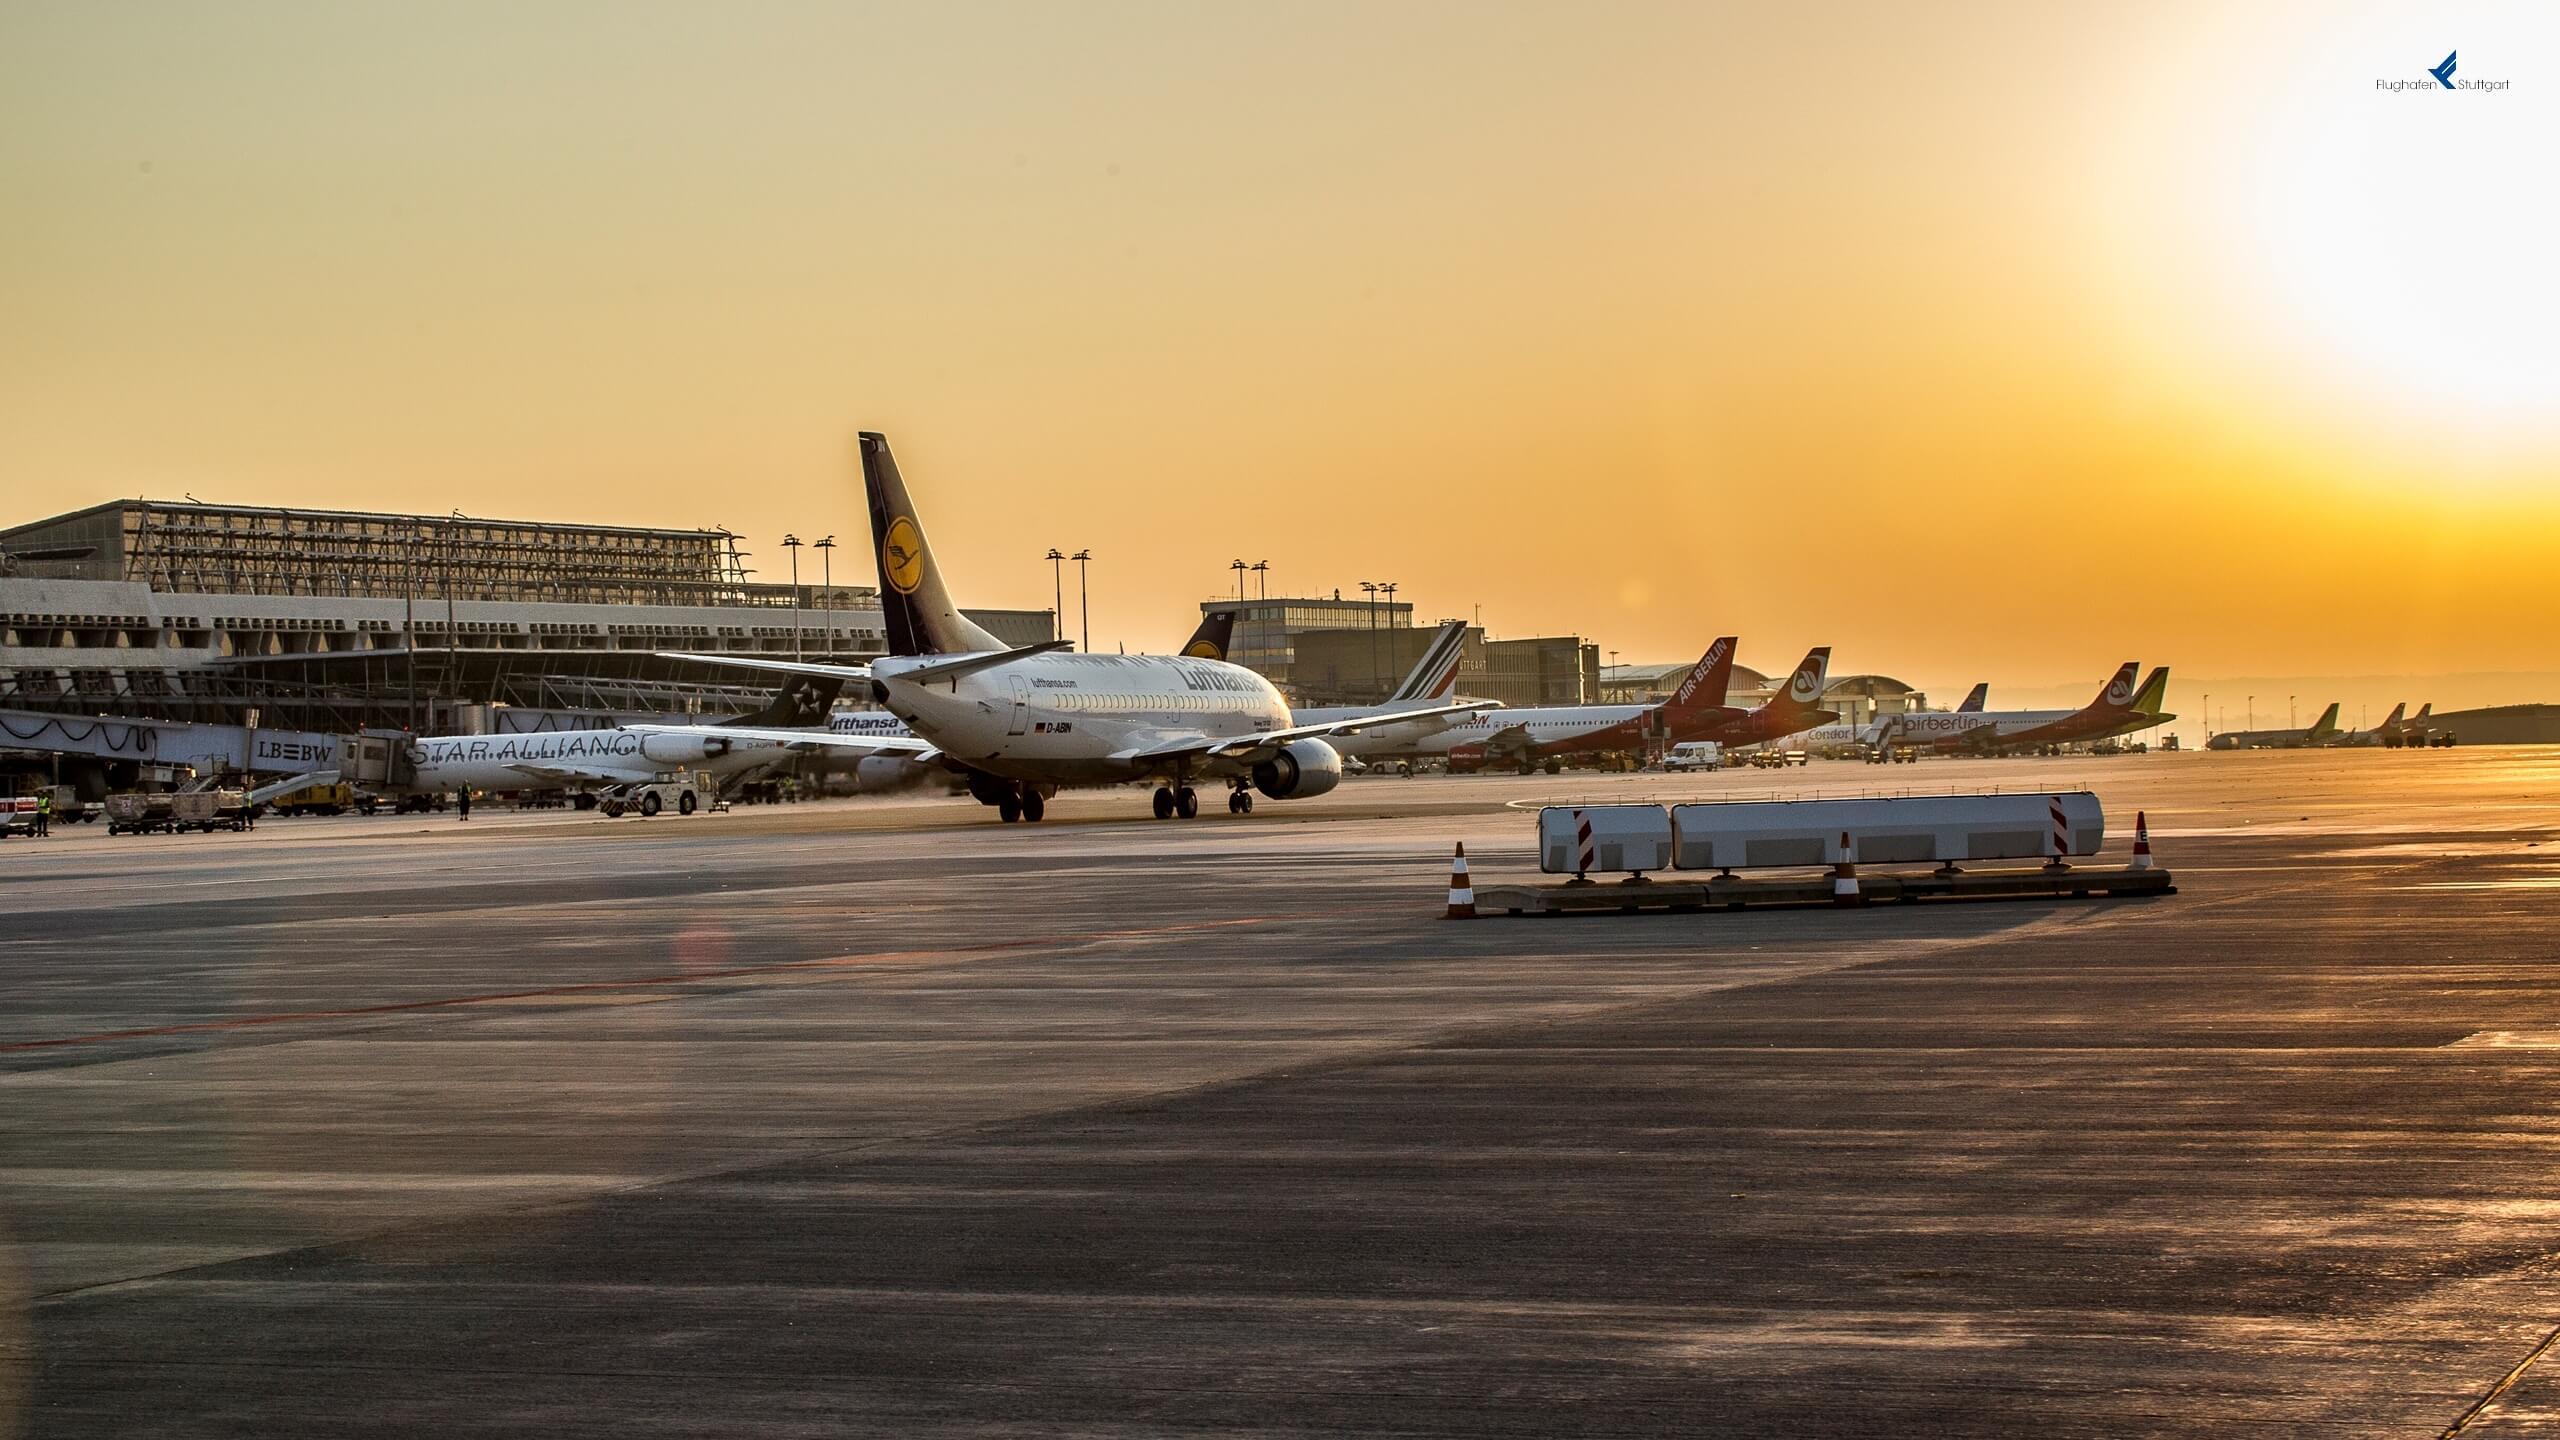 Правила аэропорта: как купить авиабилет и избежать проблем